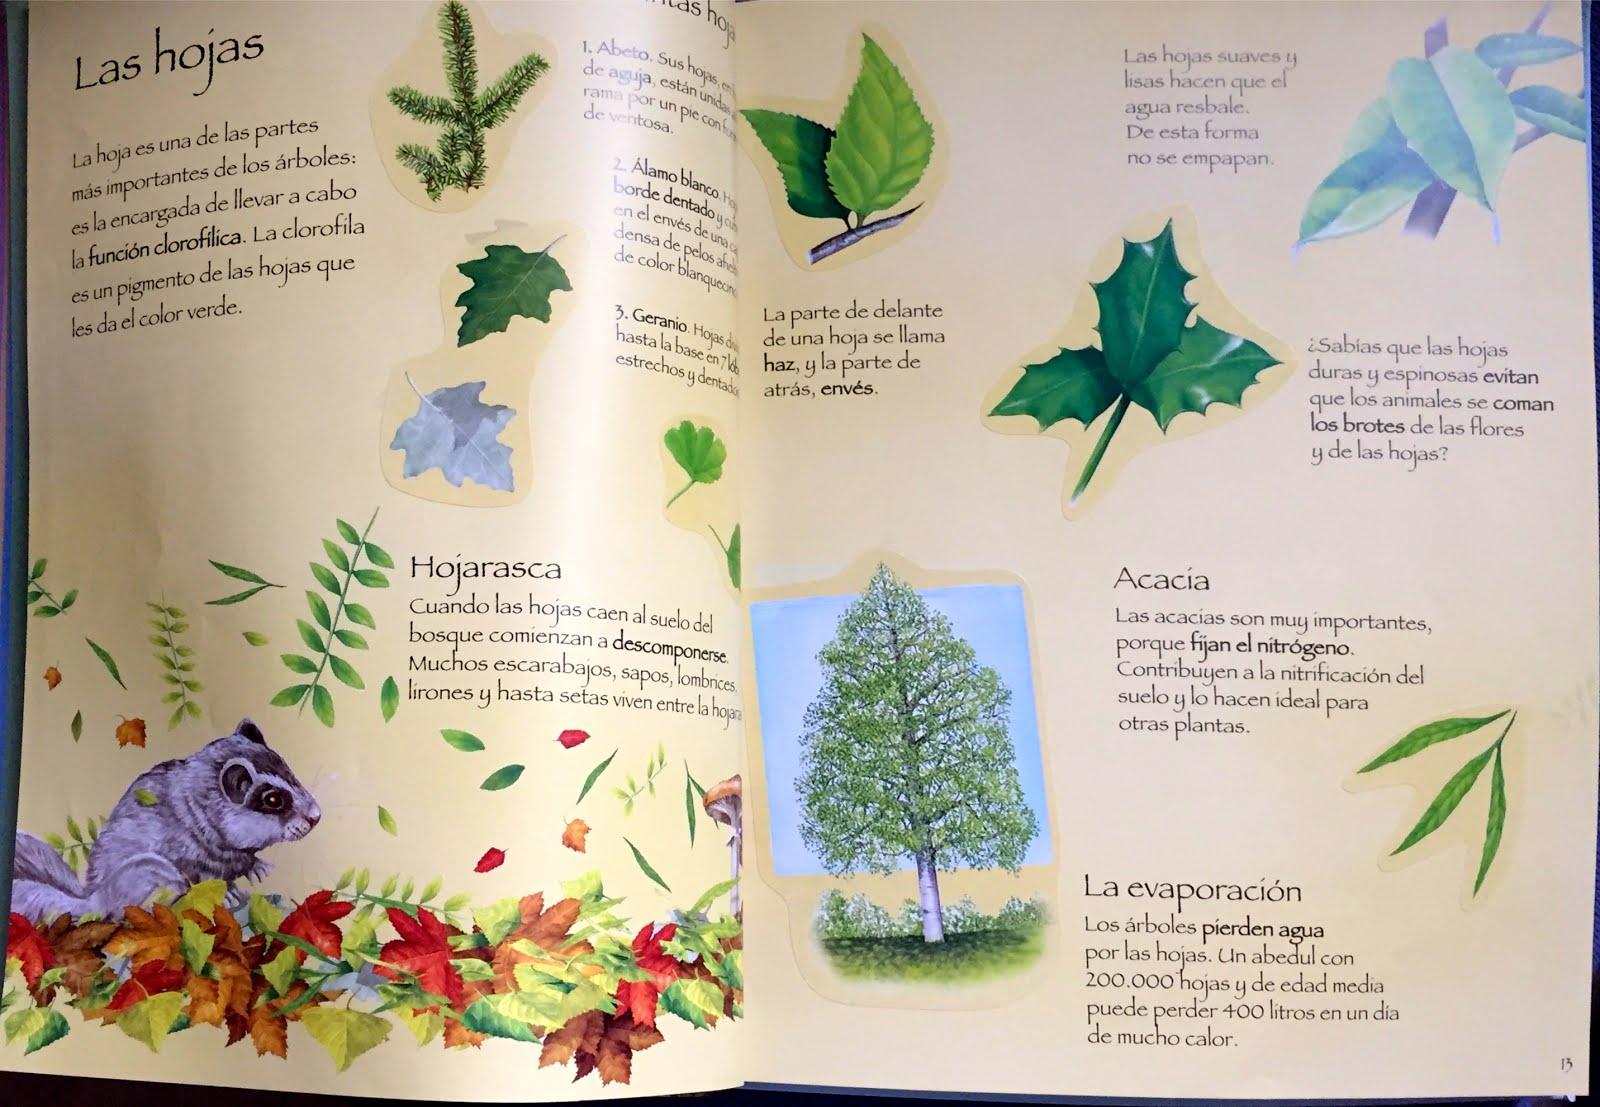 Elmer y compa a los rboles sus hojas iv for Como se llaman los arboles que no pierden sus hojas